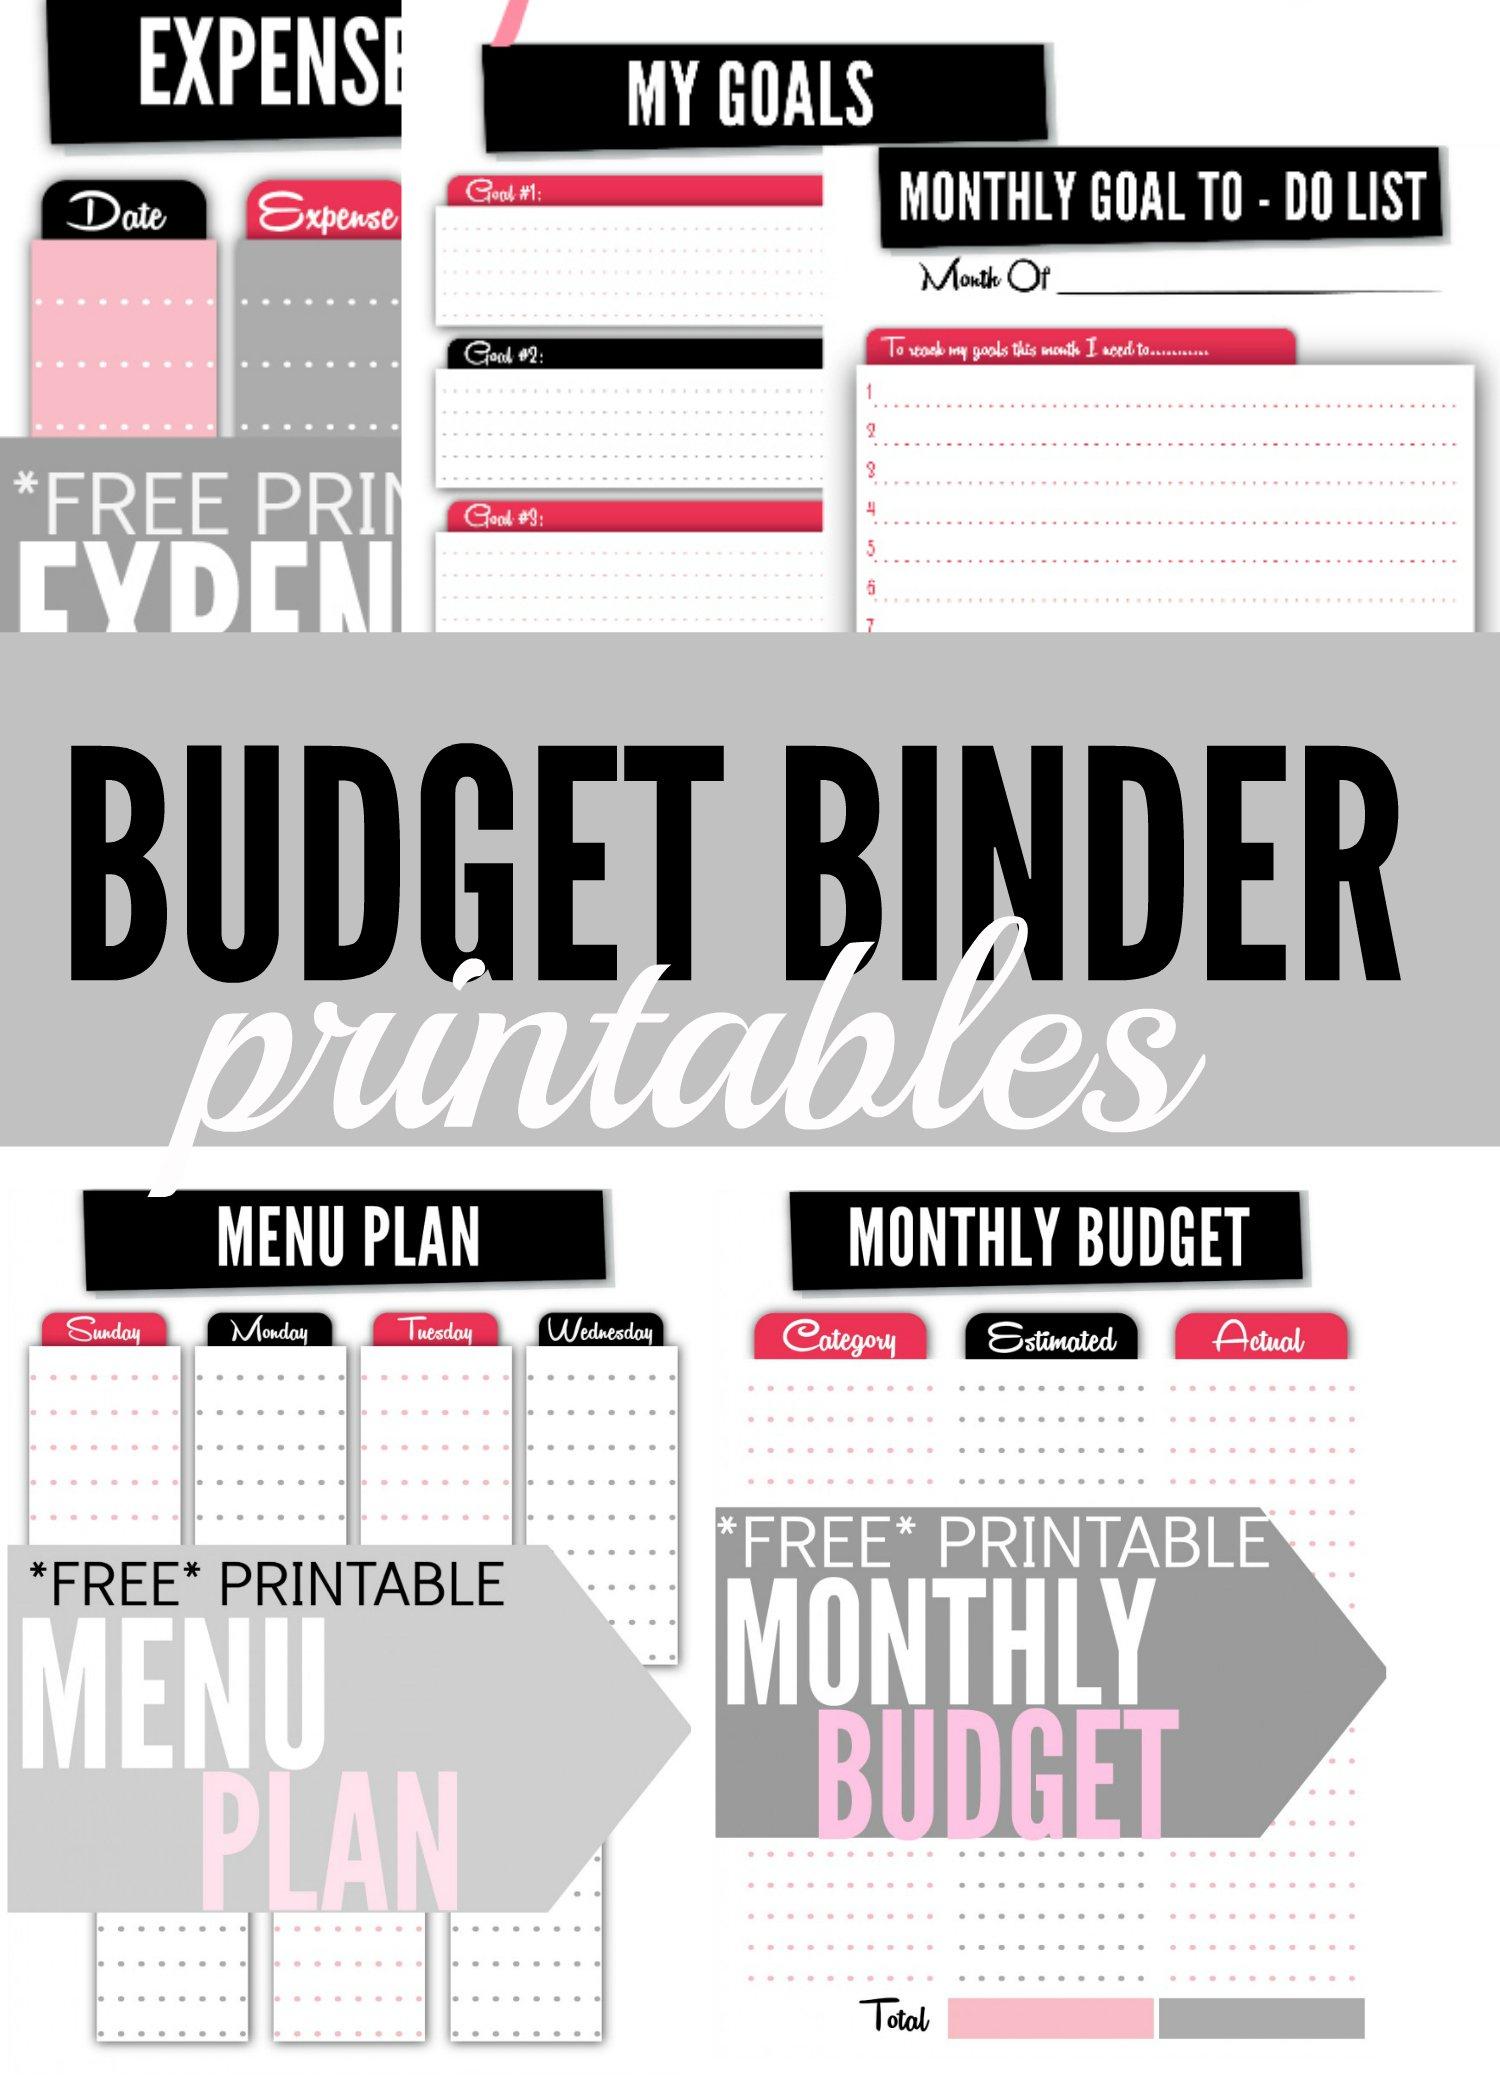 Budget Binder Printables  Single Moms Income Or Free Printable Budget Binder Worksheets